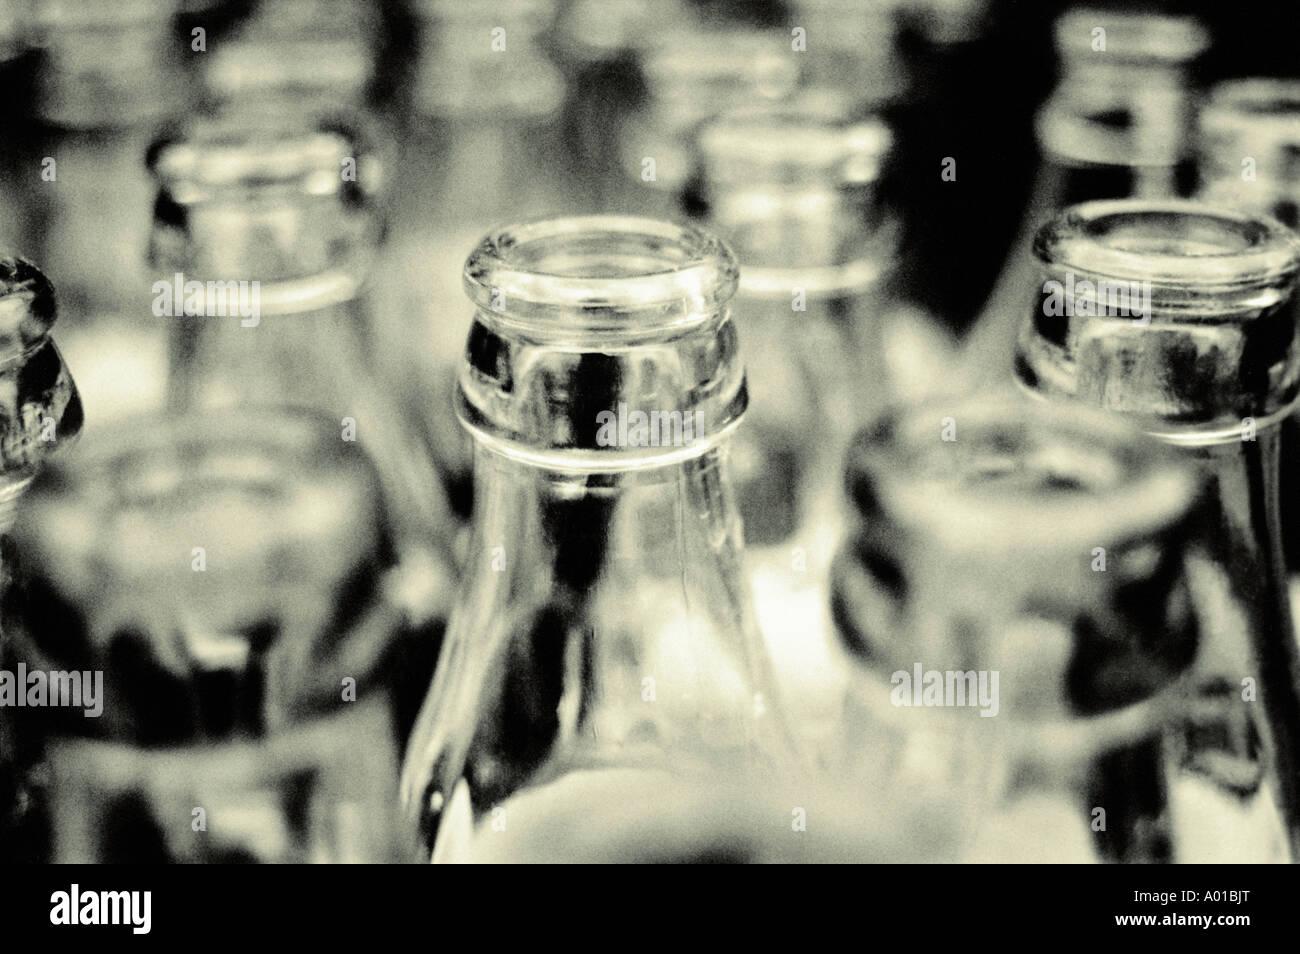 Bottles tops - Stock Image